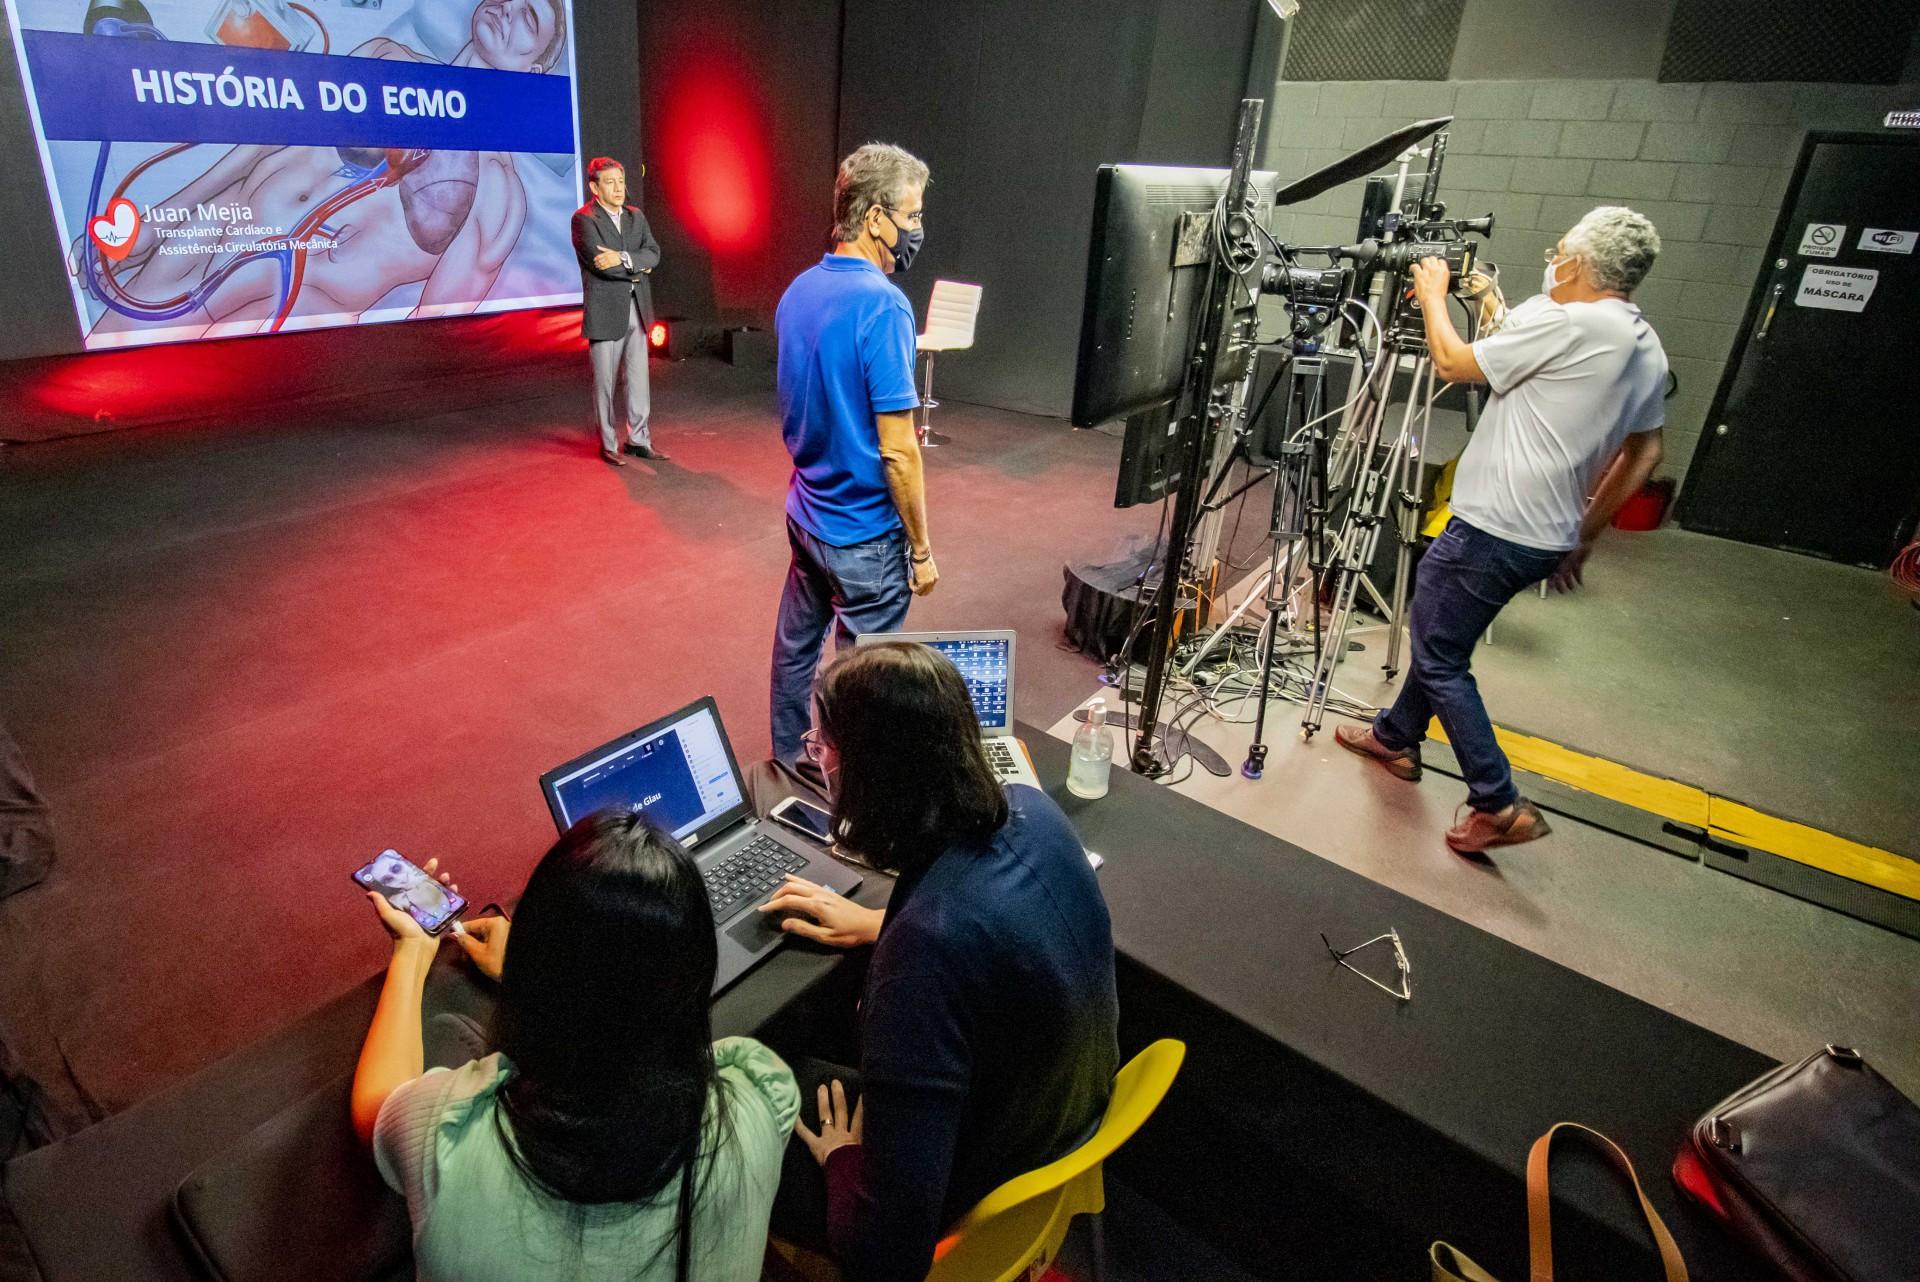 Evento da F3 Studios, produtora que realiza programação em modelo híbrido (Foto: FCO FONTENELE)